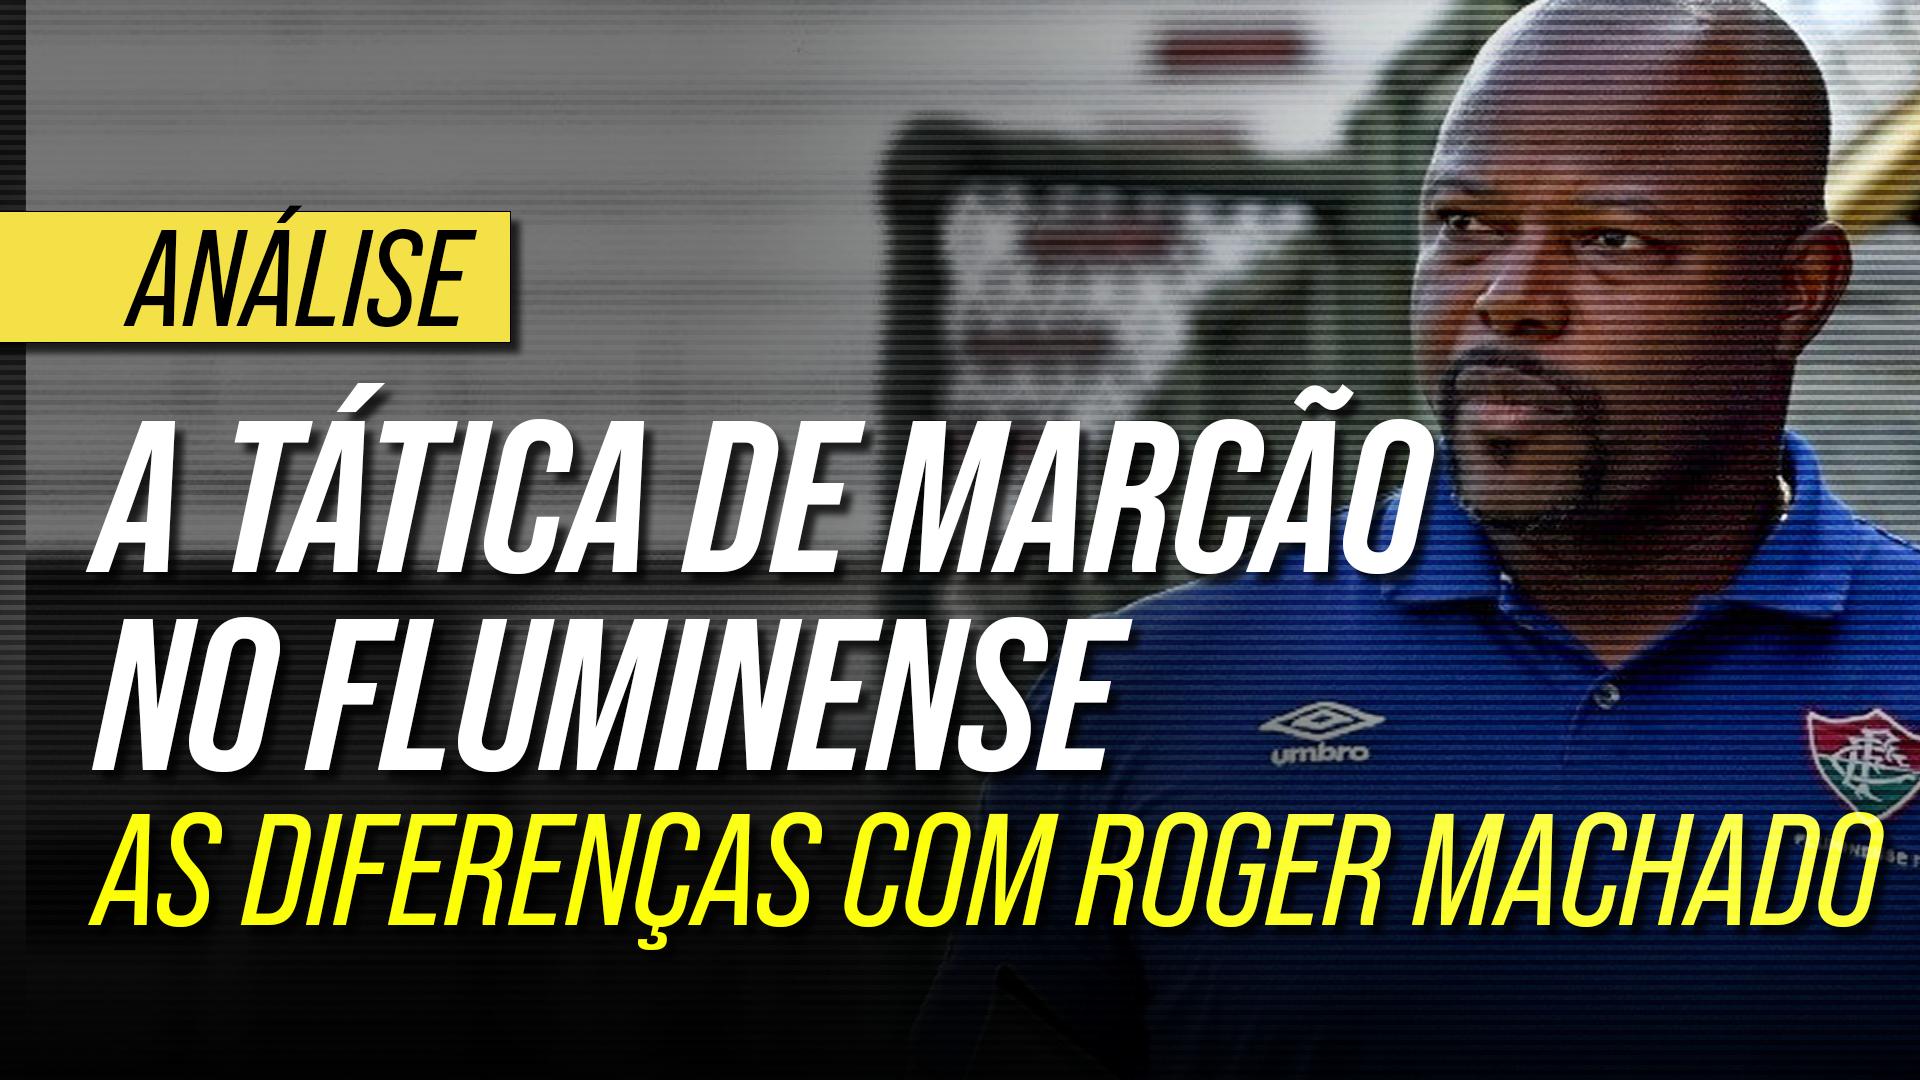 As mudanças táticas de Marcão no Fluminense: diferenças para equipe de Roger